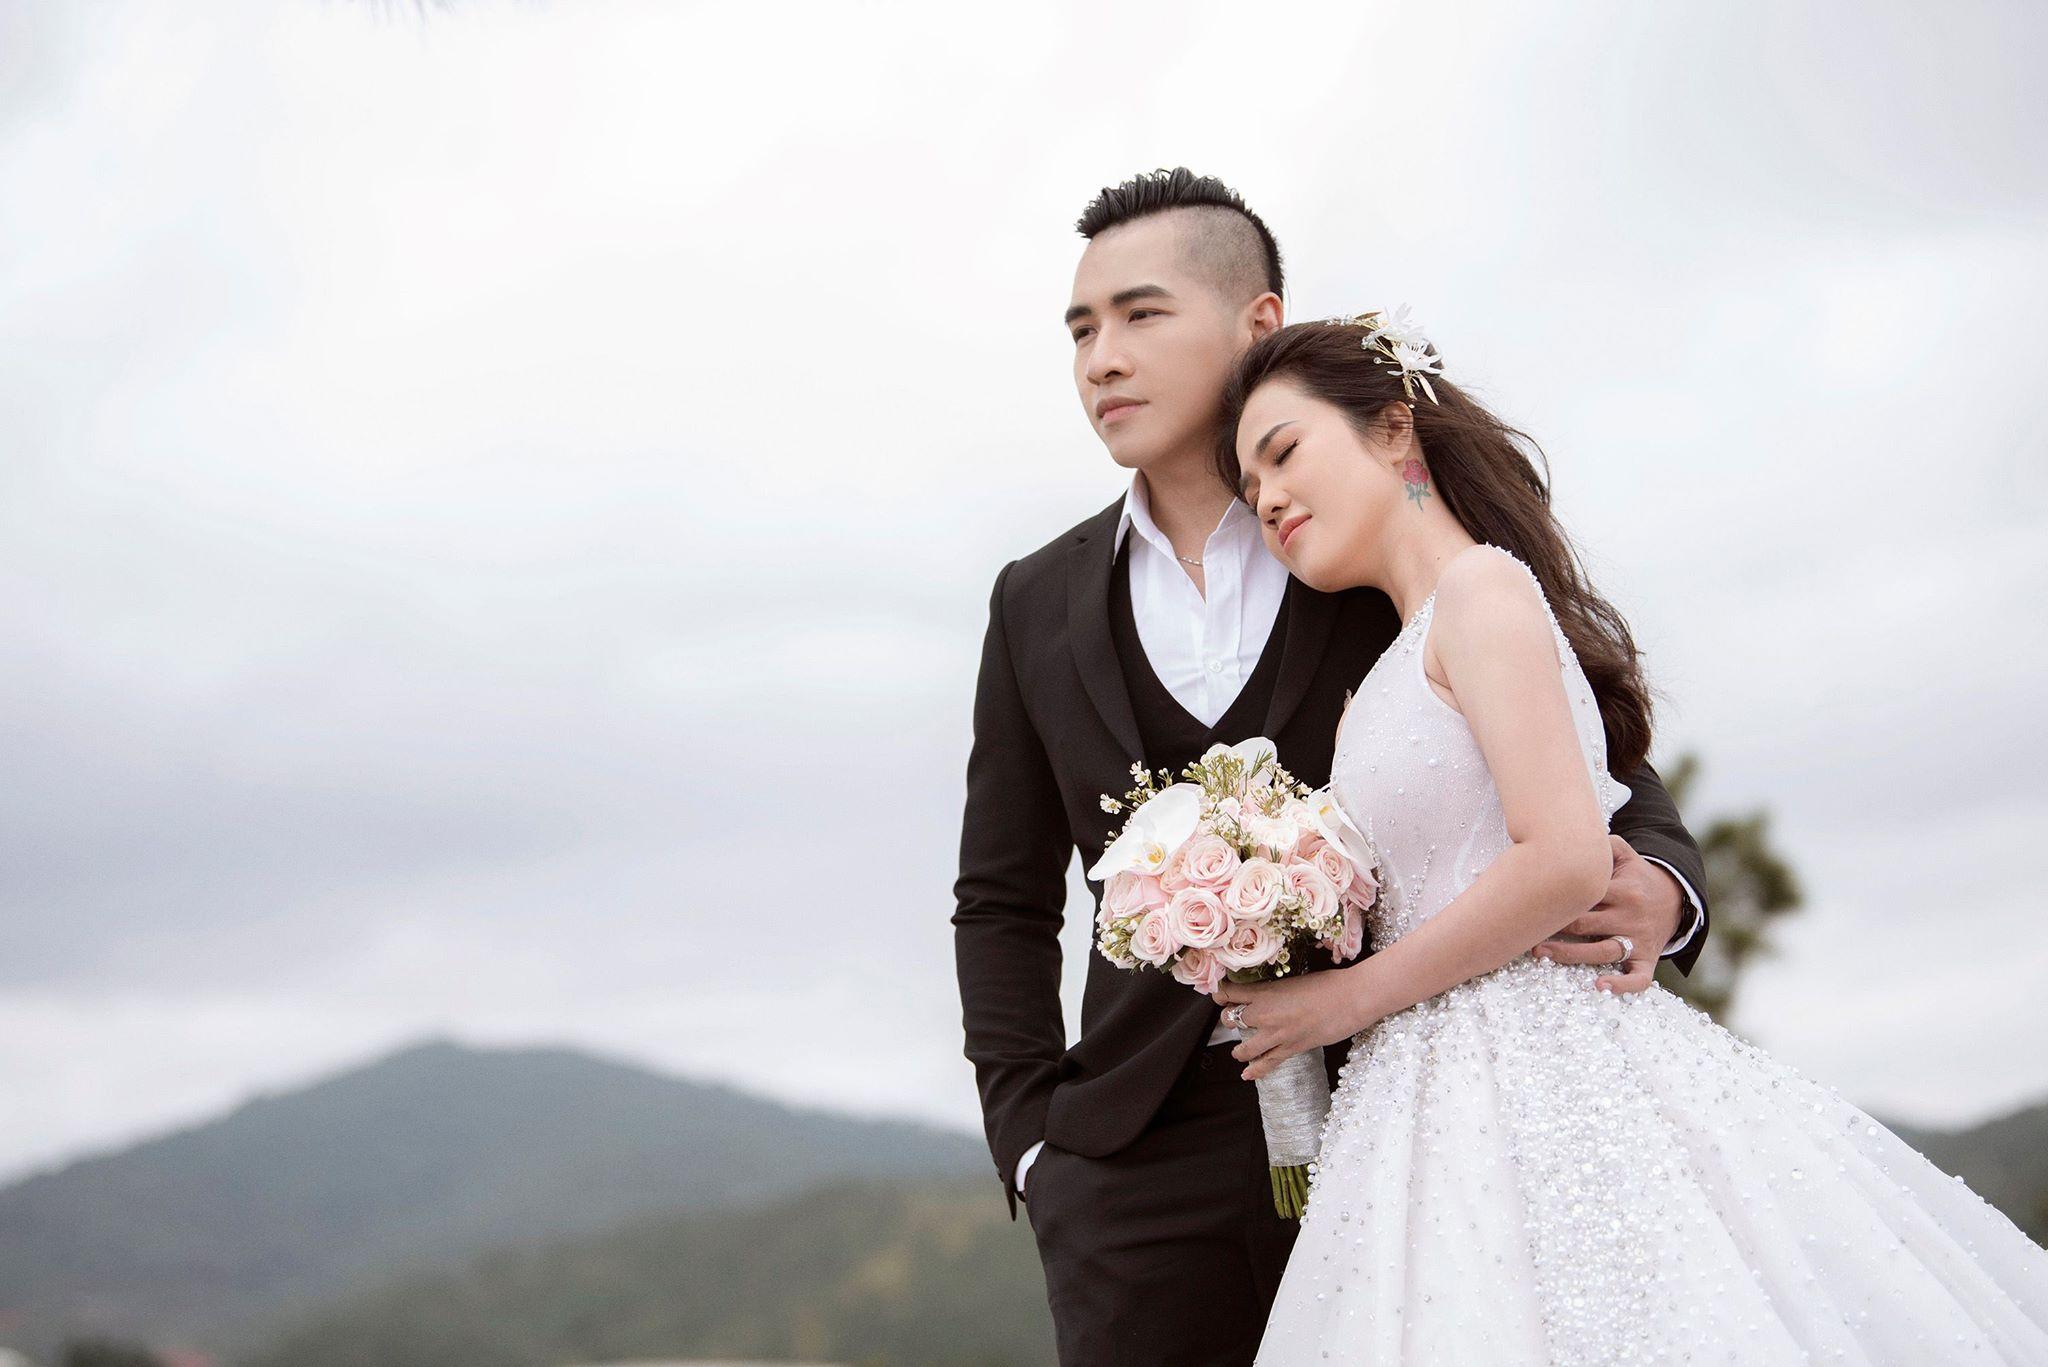 Chị gái Ngọc Trinh tung bộ ảnh cưới khoe vòng 1 nóng bỏng 4